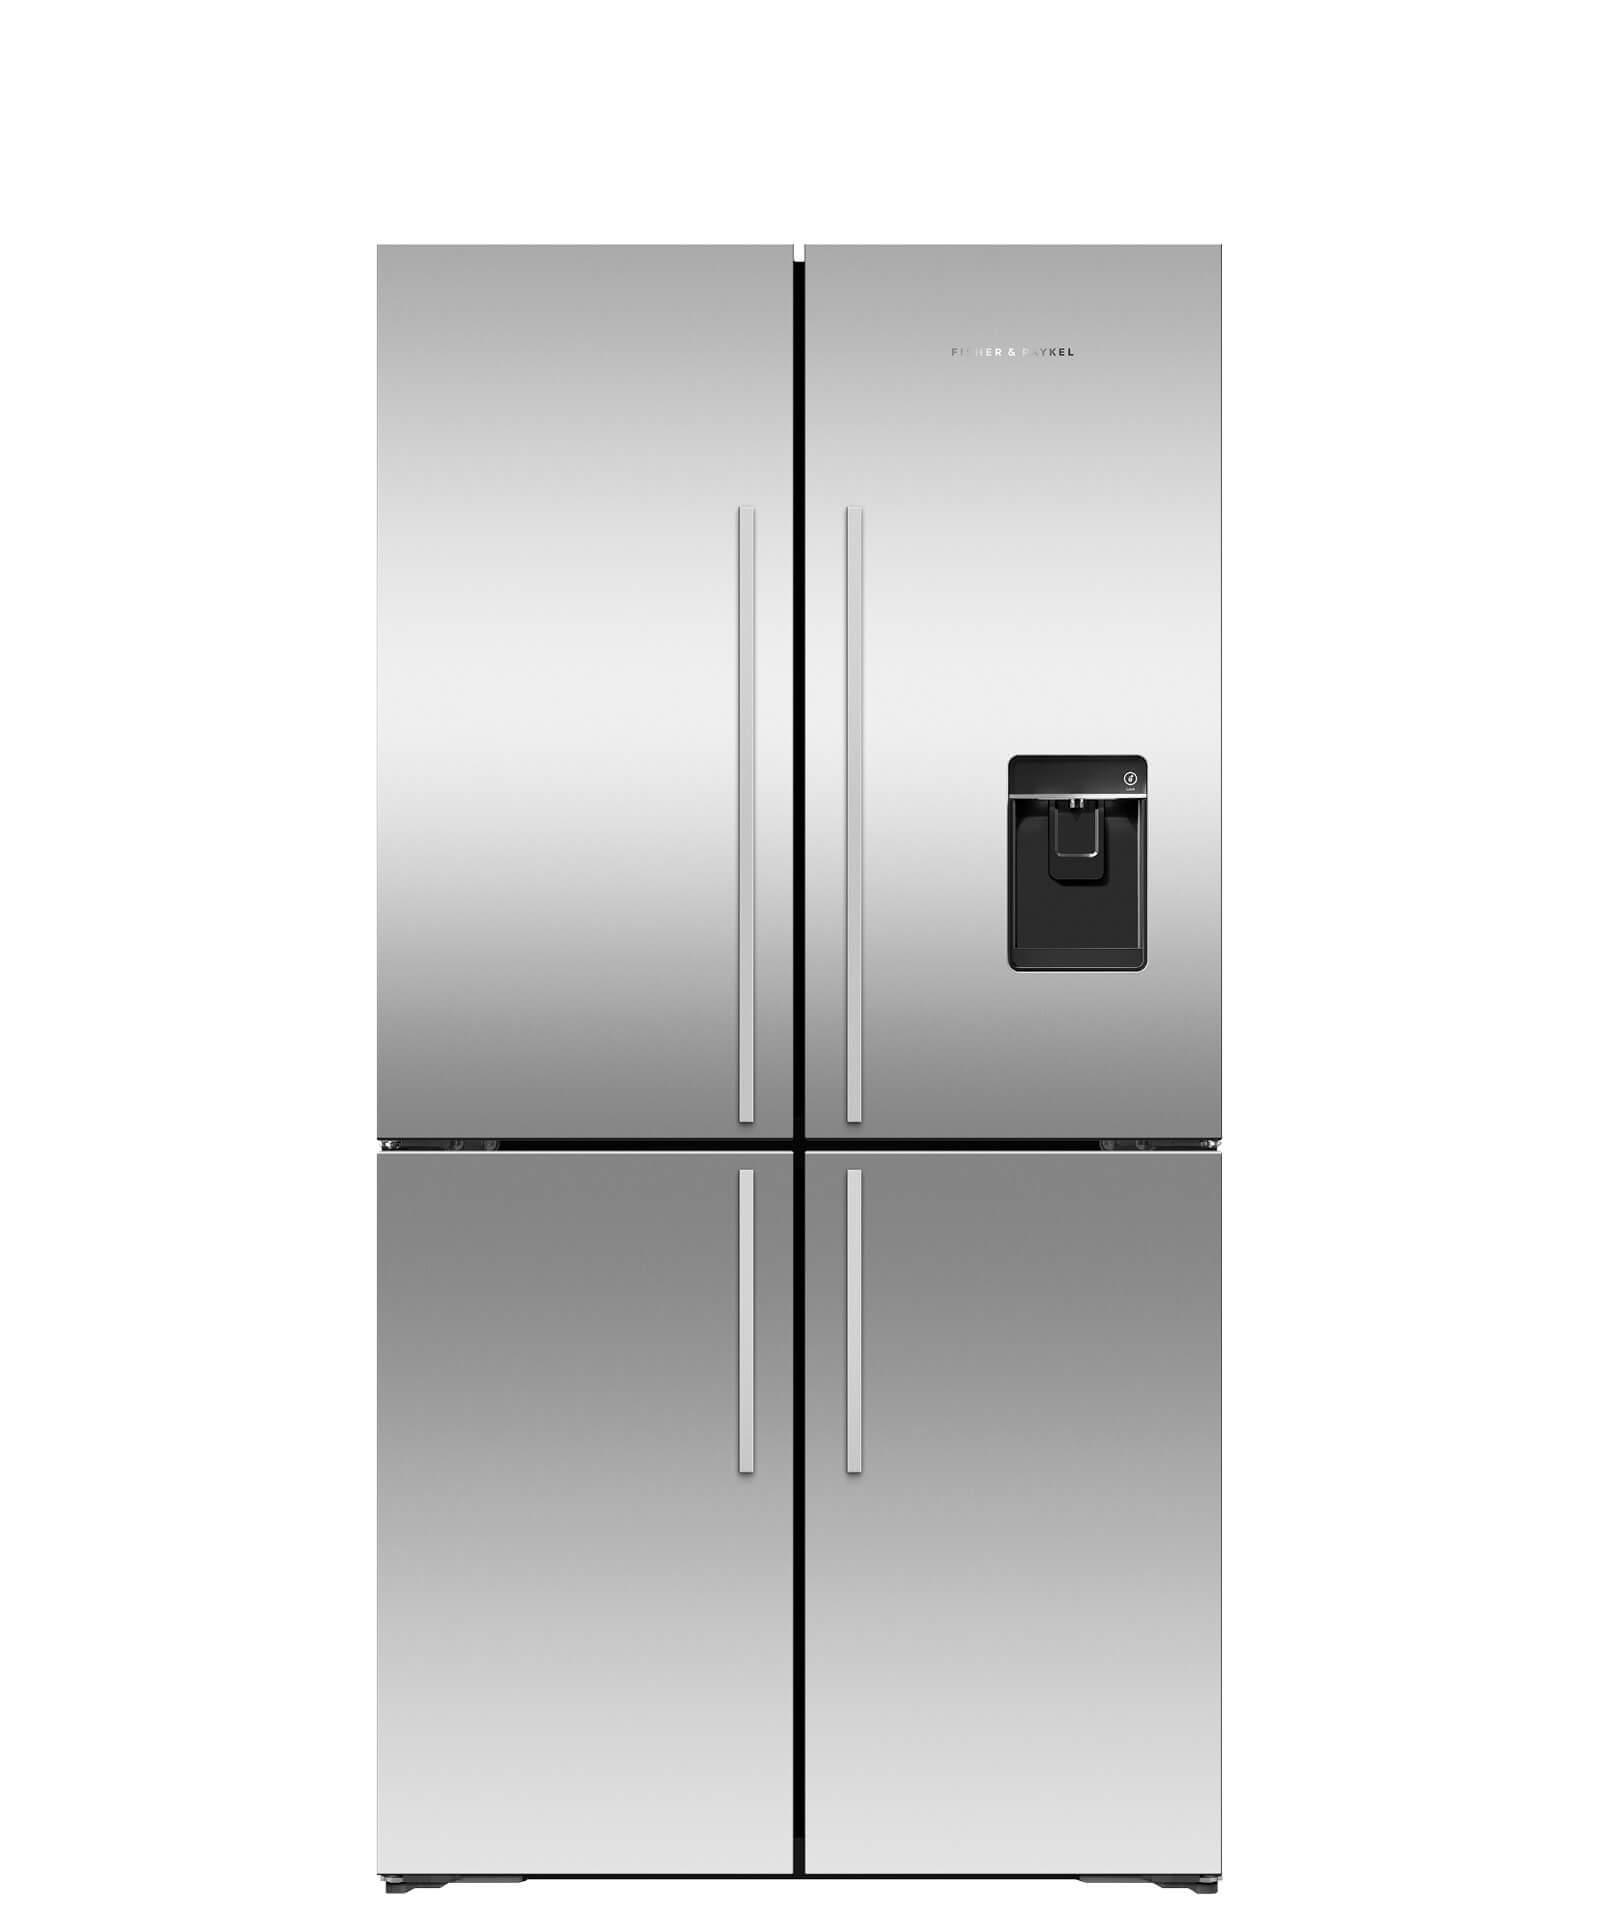 Model: RF203QDUVX1 | Fisher and Paykel ActiveSmart™ Refrigerator - 18.9 cu ft. counter depth Quad Door, Ice & Water